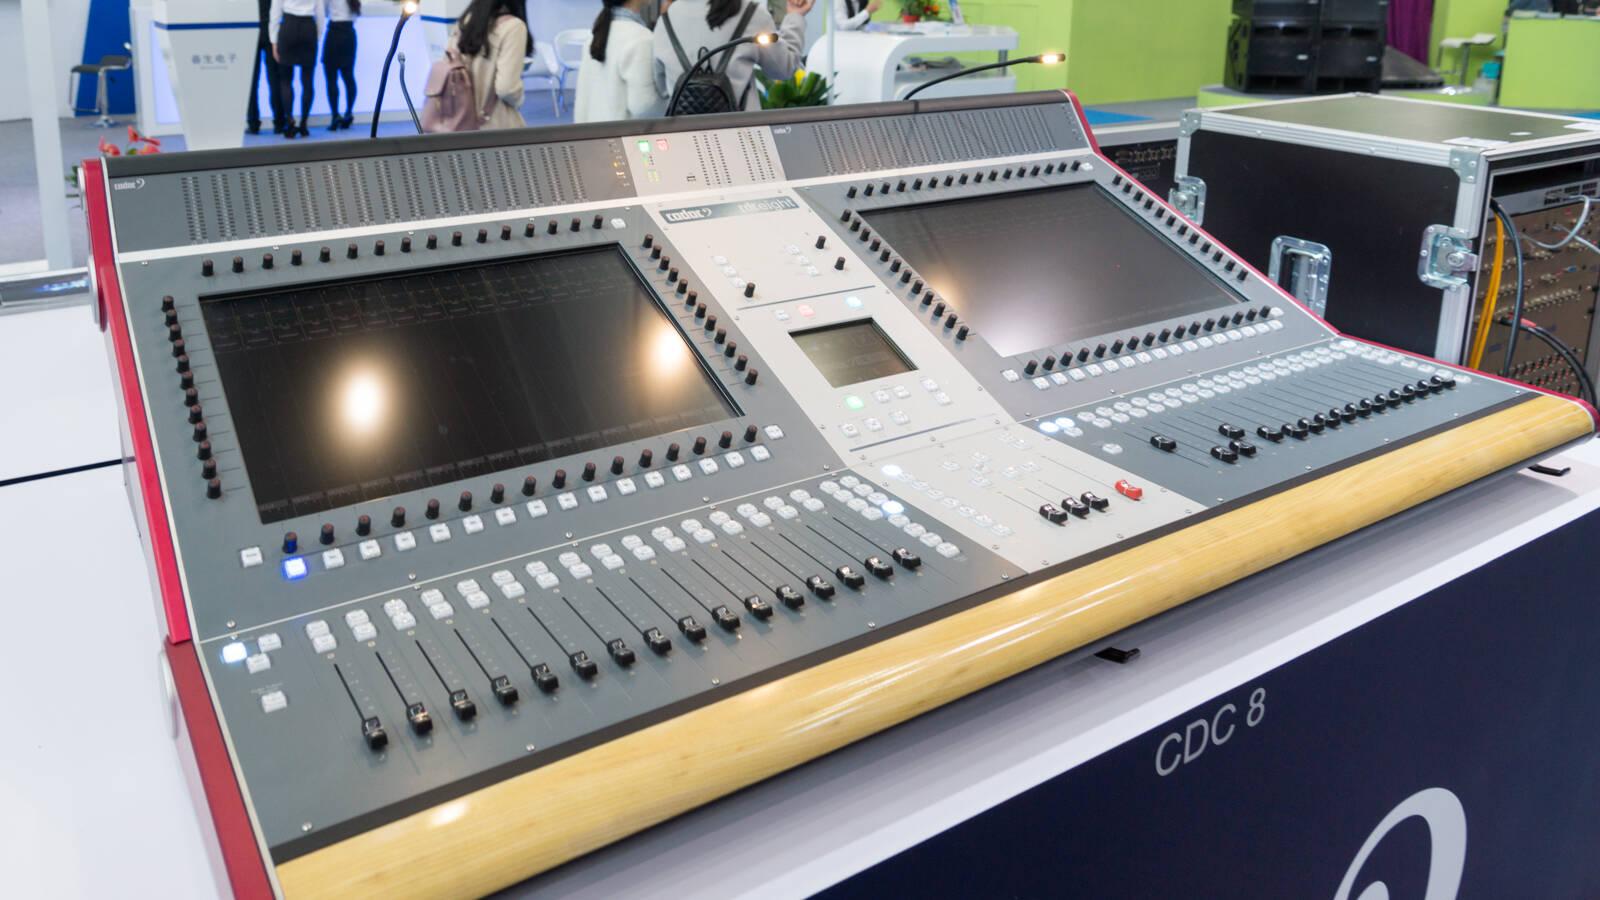 DSC06533